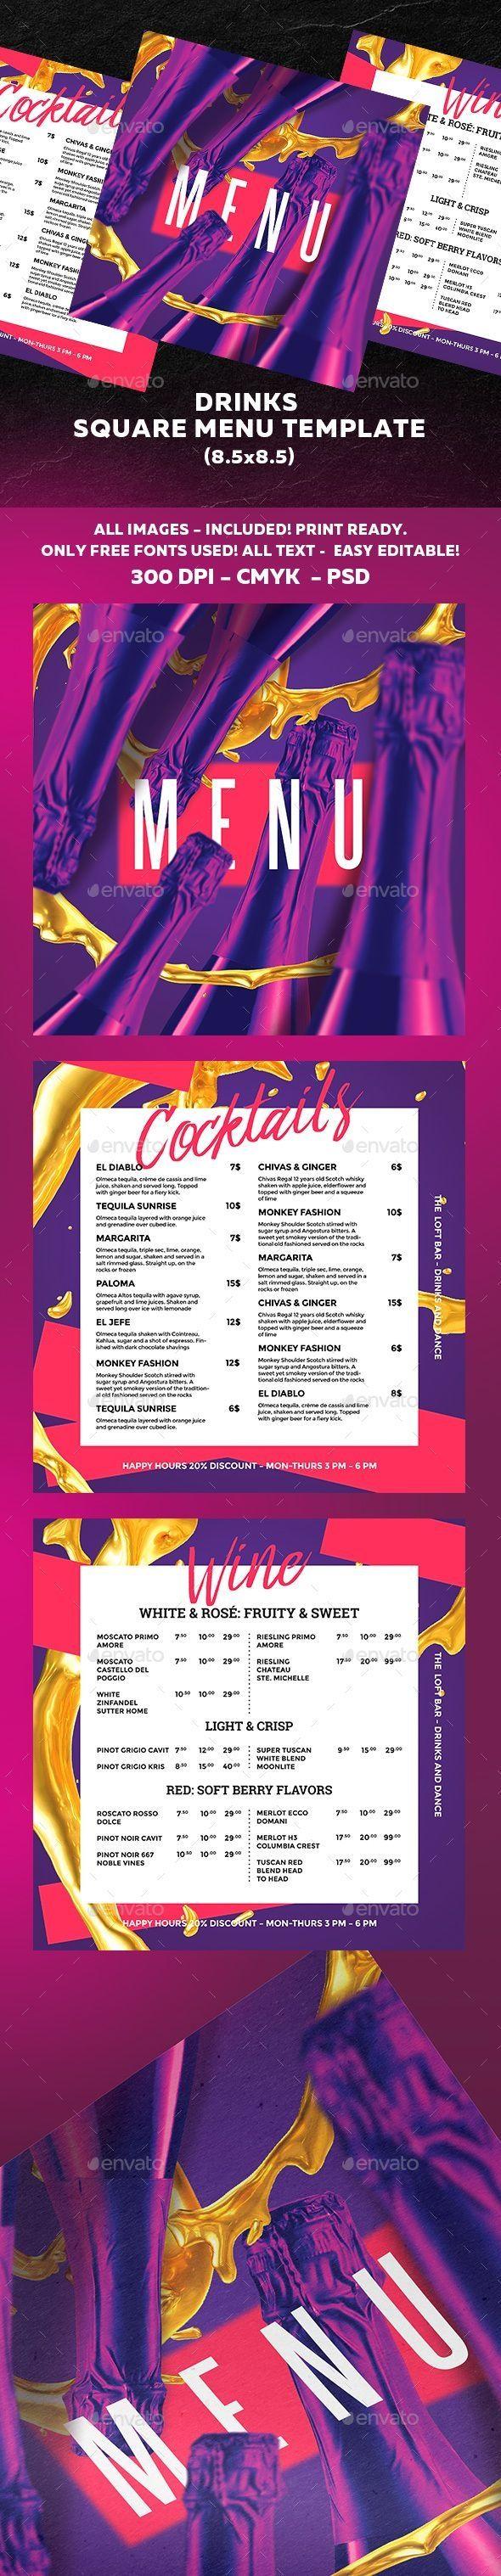 Restaurant Menu Template FoodMenu Template Designs 24